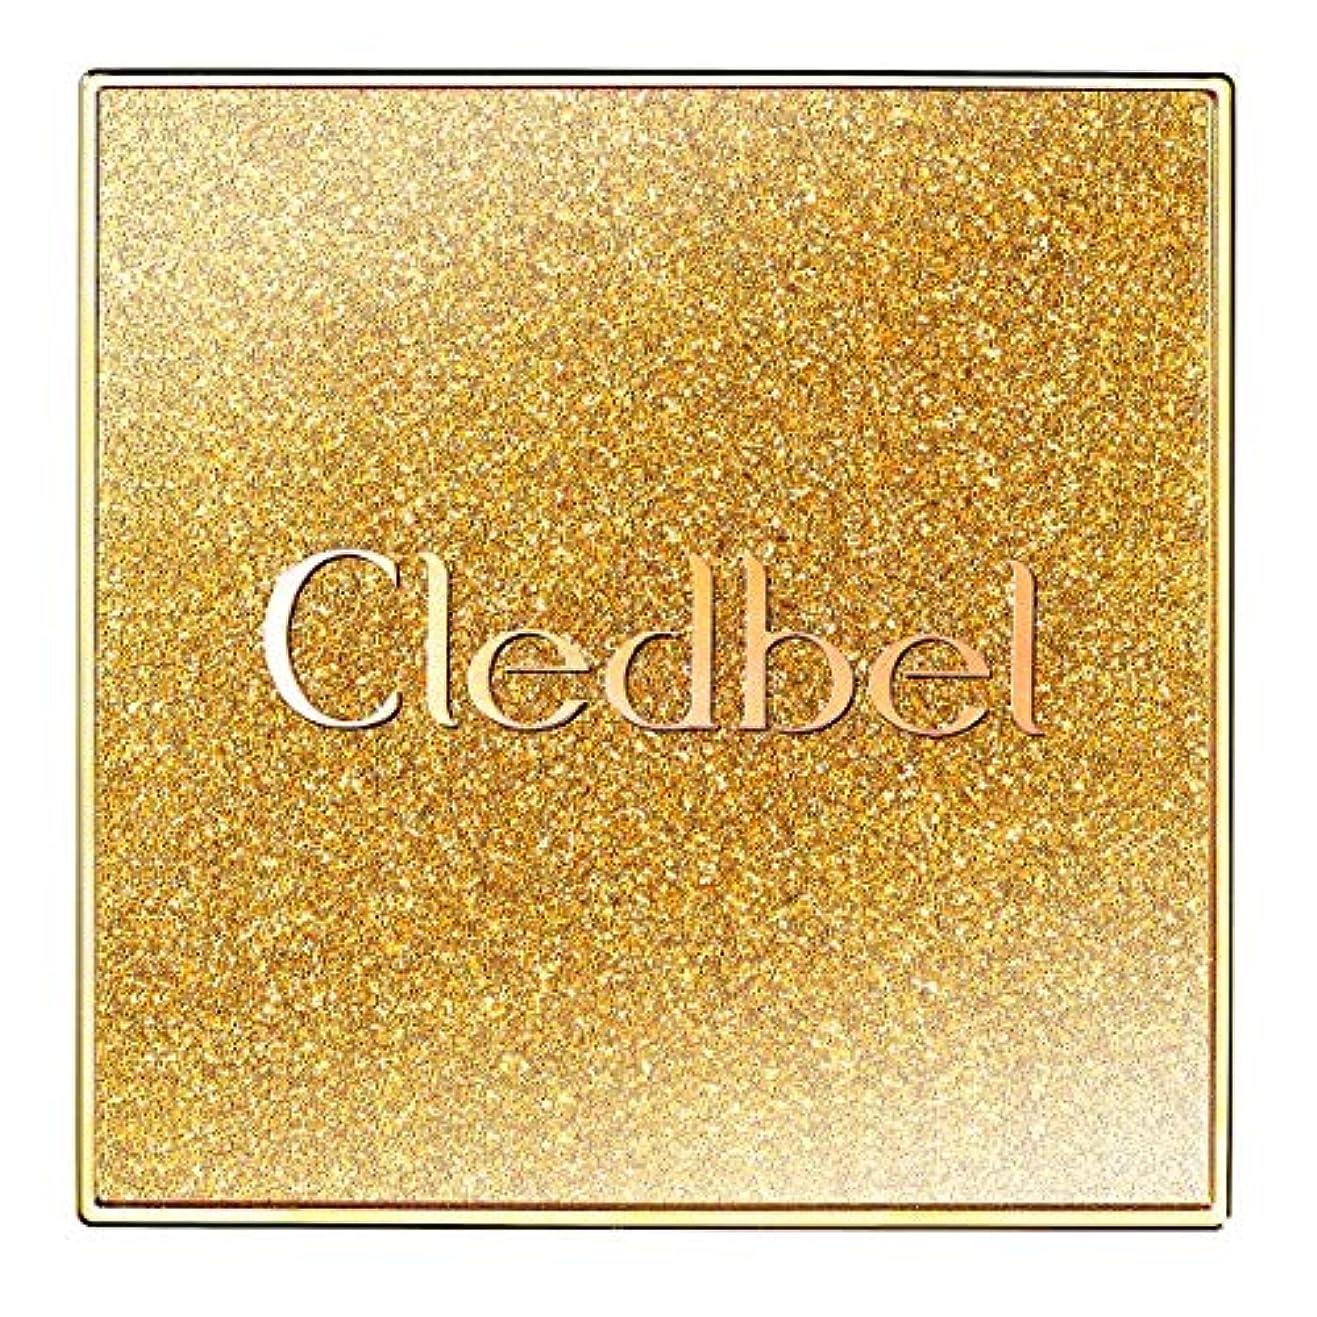 暴行一時停止襲撃[Cledbel] Miracle Power Lift V Cushion SPF50+ PA+++ GOLD EDITION/クレッドベルミラクルリフトV クッション [並行輸入品]